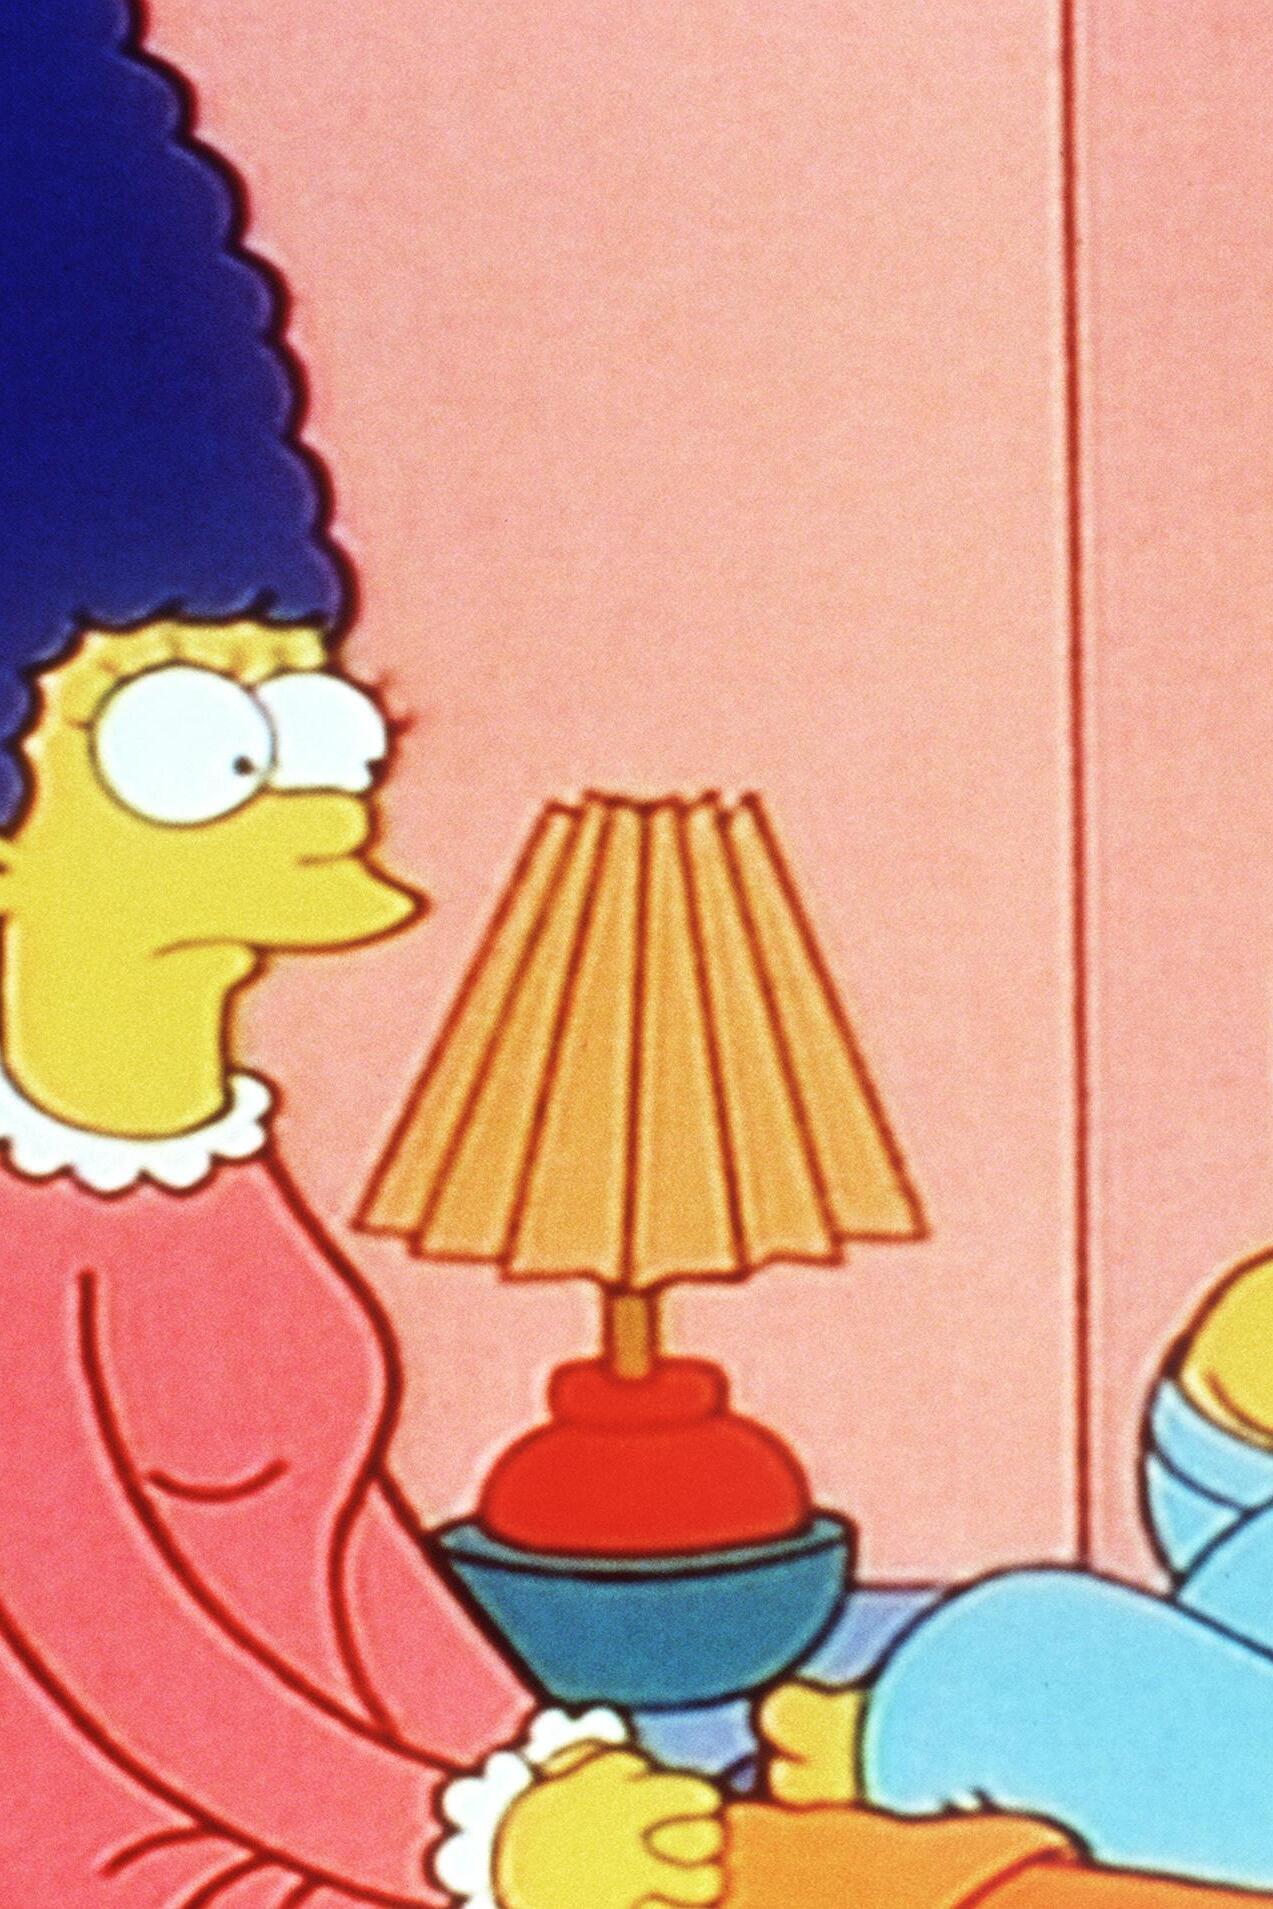 Les Simpson - Les secrets d'un mariage réussi